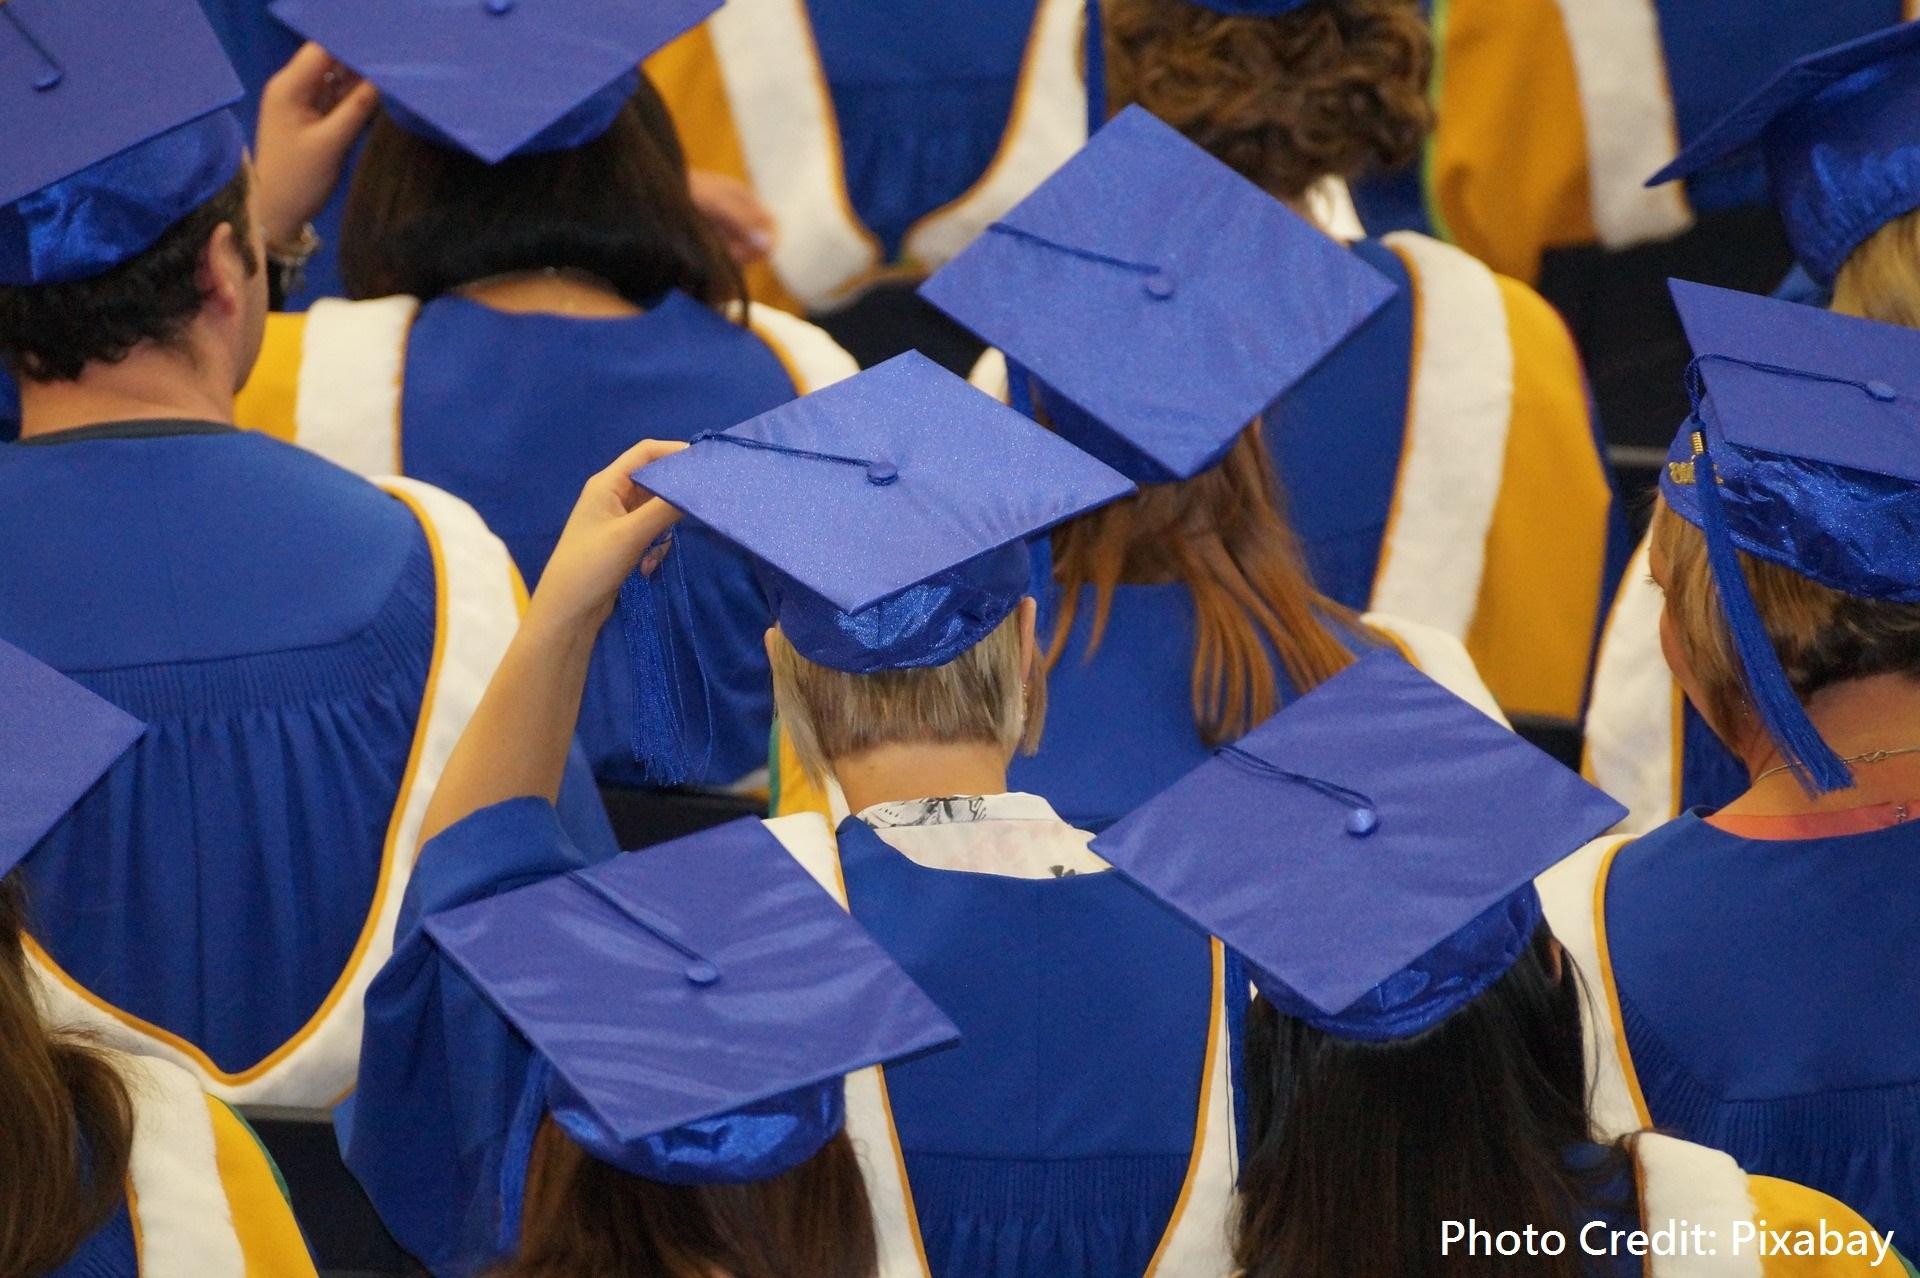 向哈佛宣戰!矽谷創投大師鼓勵天才青年「輟學創業」